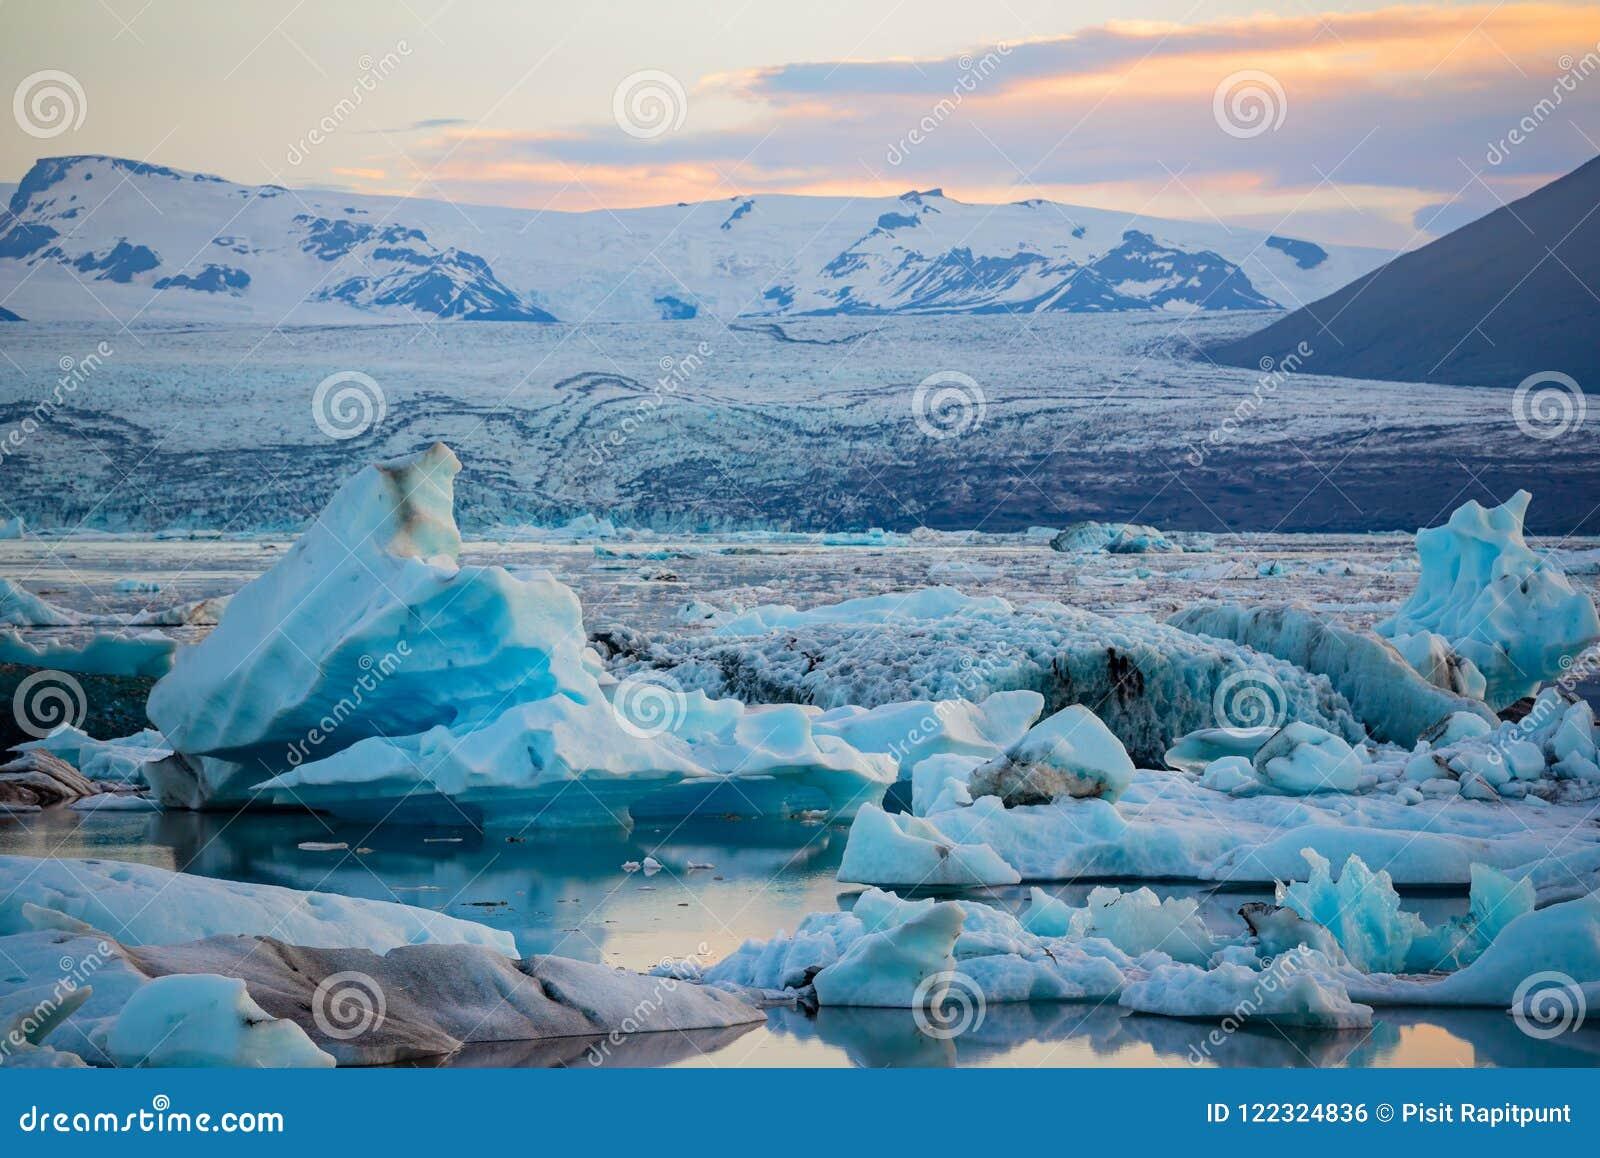 Eisberge in der Jokulsarlon-Gletscherlagune Nationalpark Vatnajokull, Island-Sommer Sehen Sie meine anderen Arbeiten im Portfolio